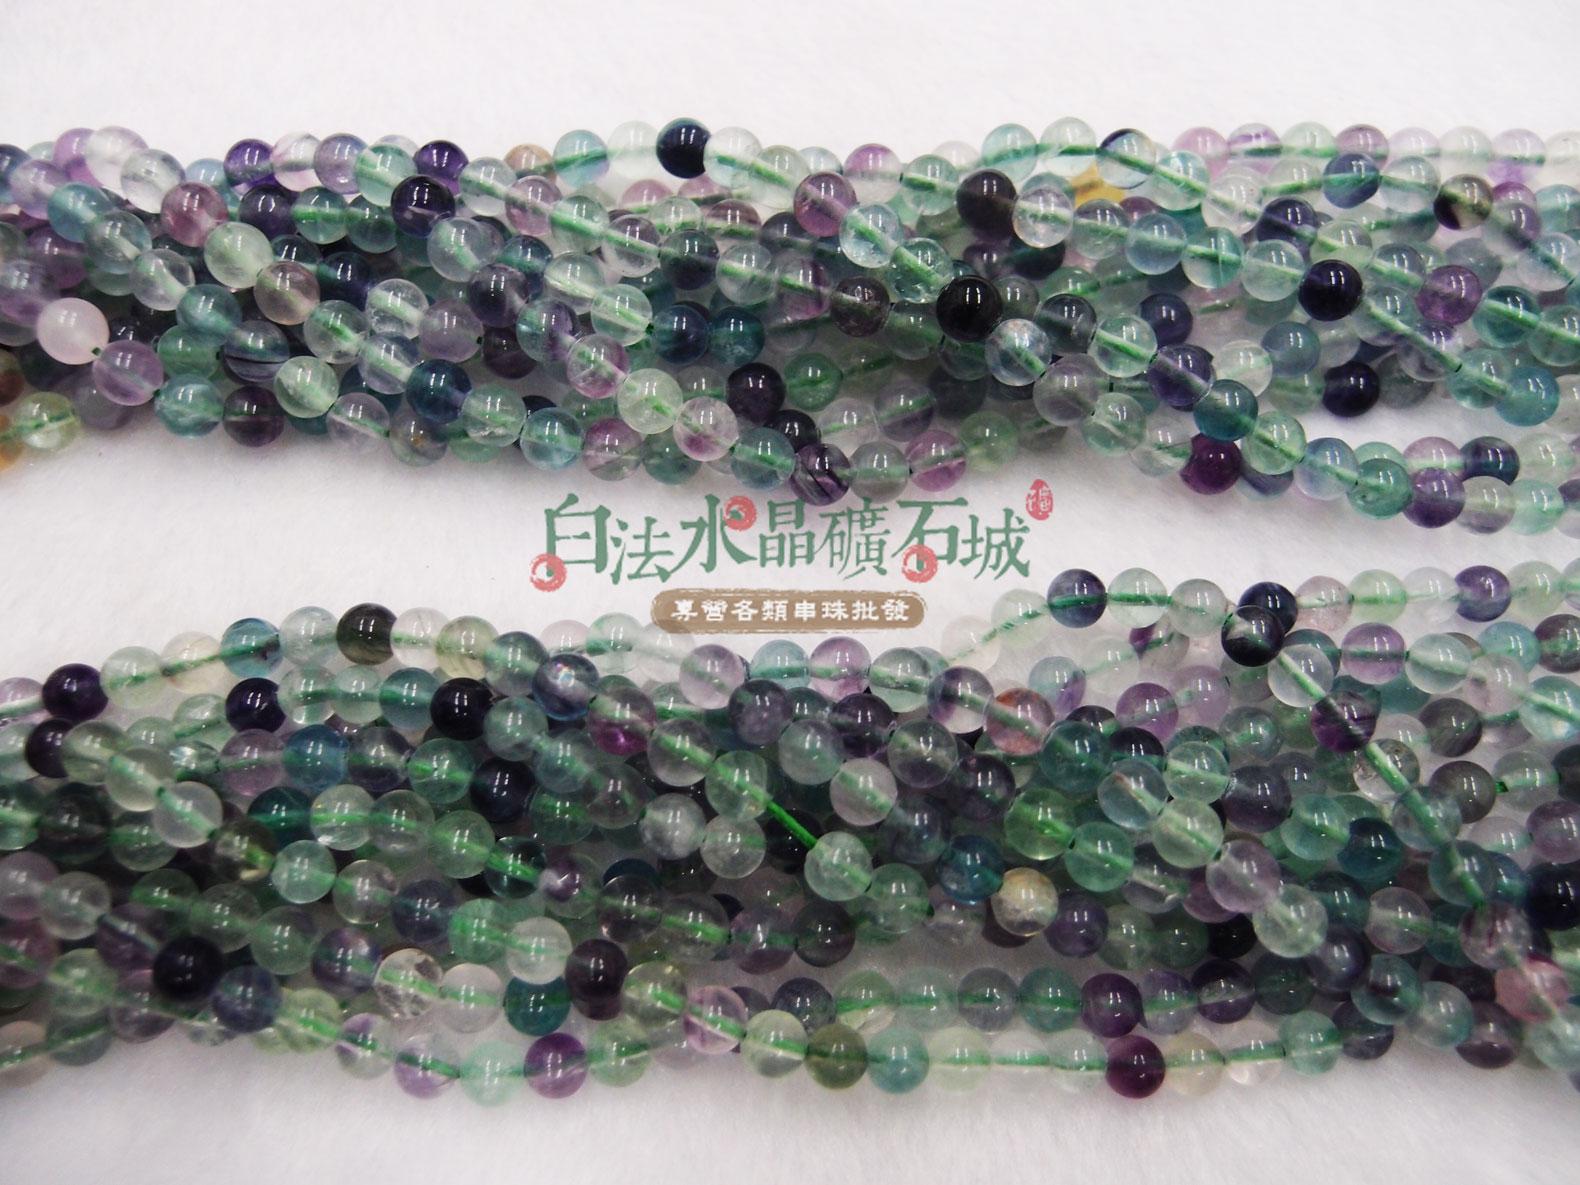 白法水晶礦石城  奧地利 天然-綠彩瑩石 6mm 串珠/條珠 首飾材料 色彩繽粉的彩色礦石